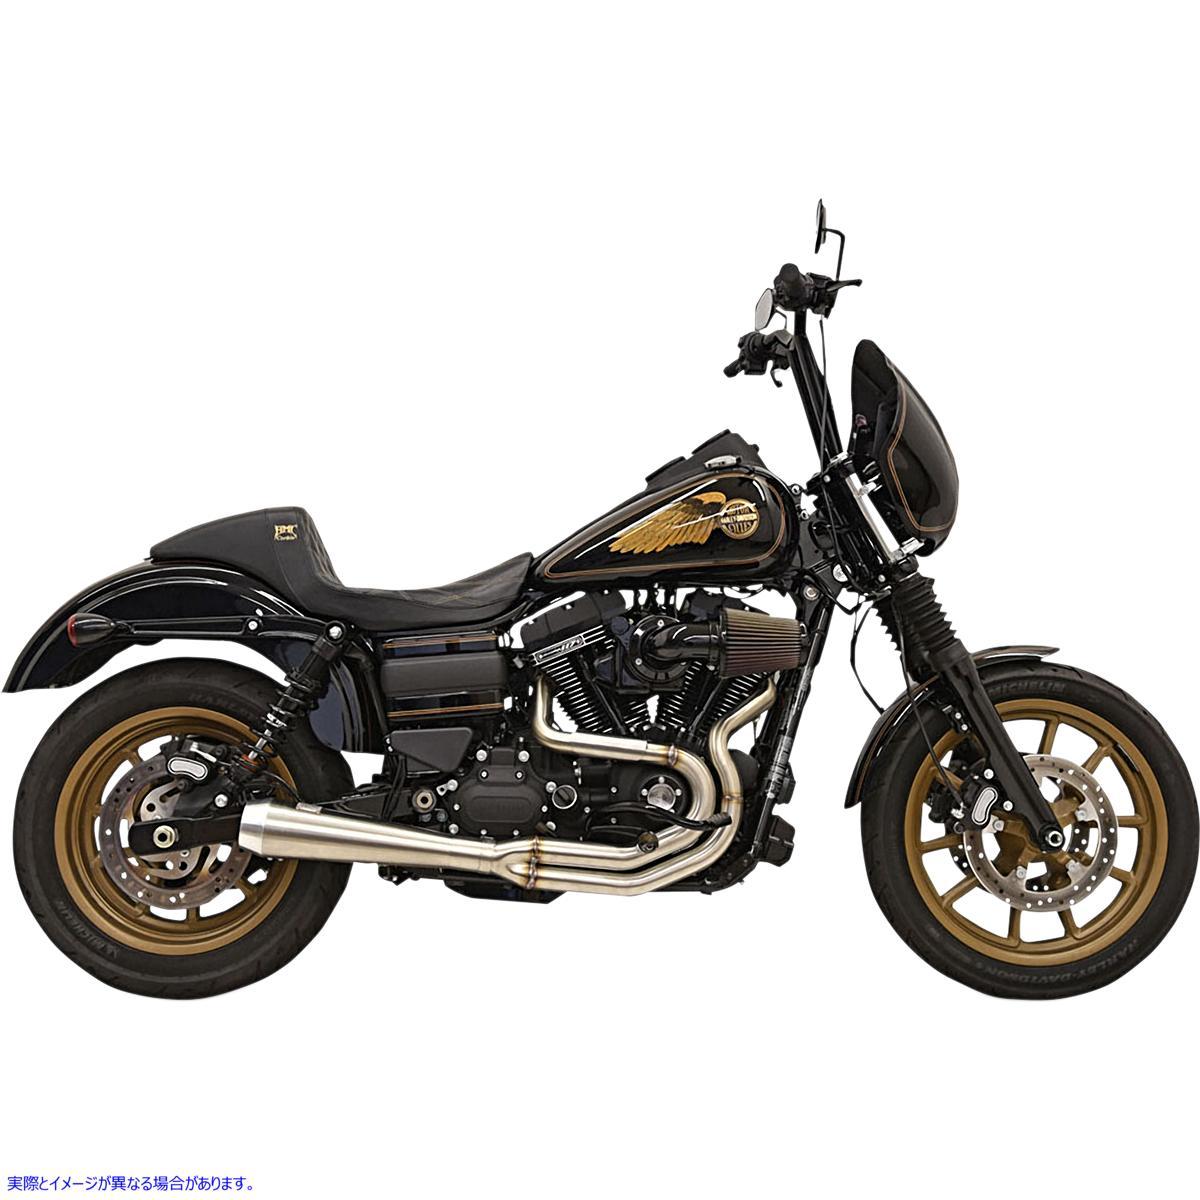 【取寄せ】 1D2SSL BASSANI XHAUST Greg Lutzka 2:1 Exhaust - FXD 18002135 ドラッグスペシャリティーズ 1800-2135 DRAG SPECIALTIES